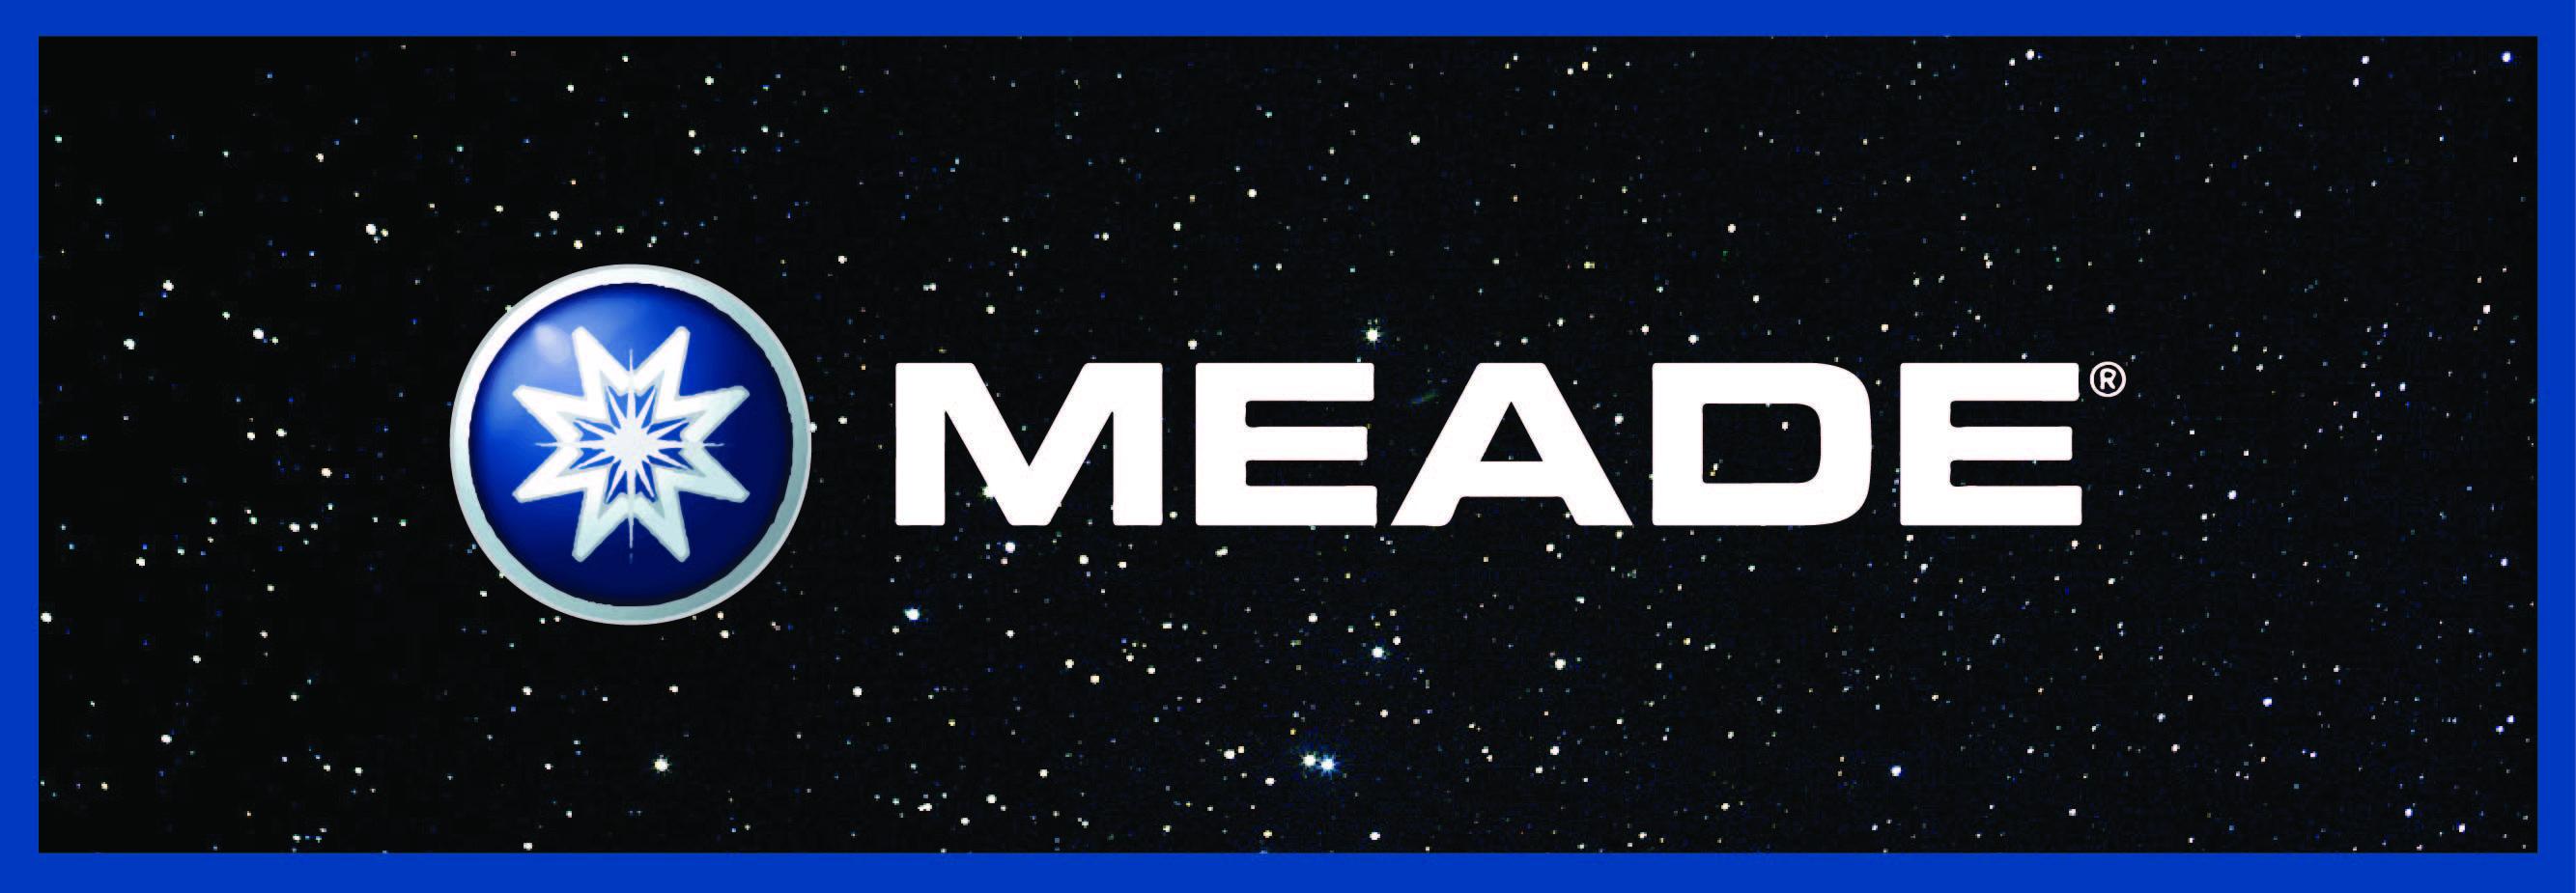 ⭐️ Telescopios Meade mundialmente reconocidos